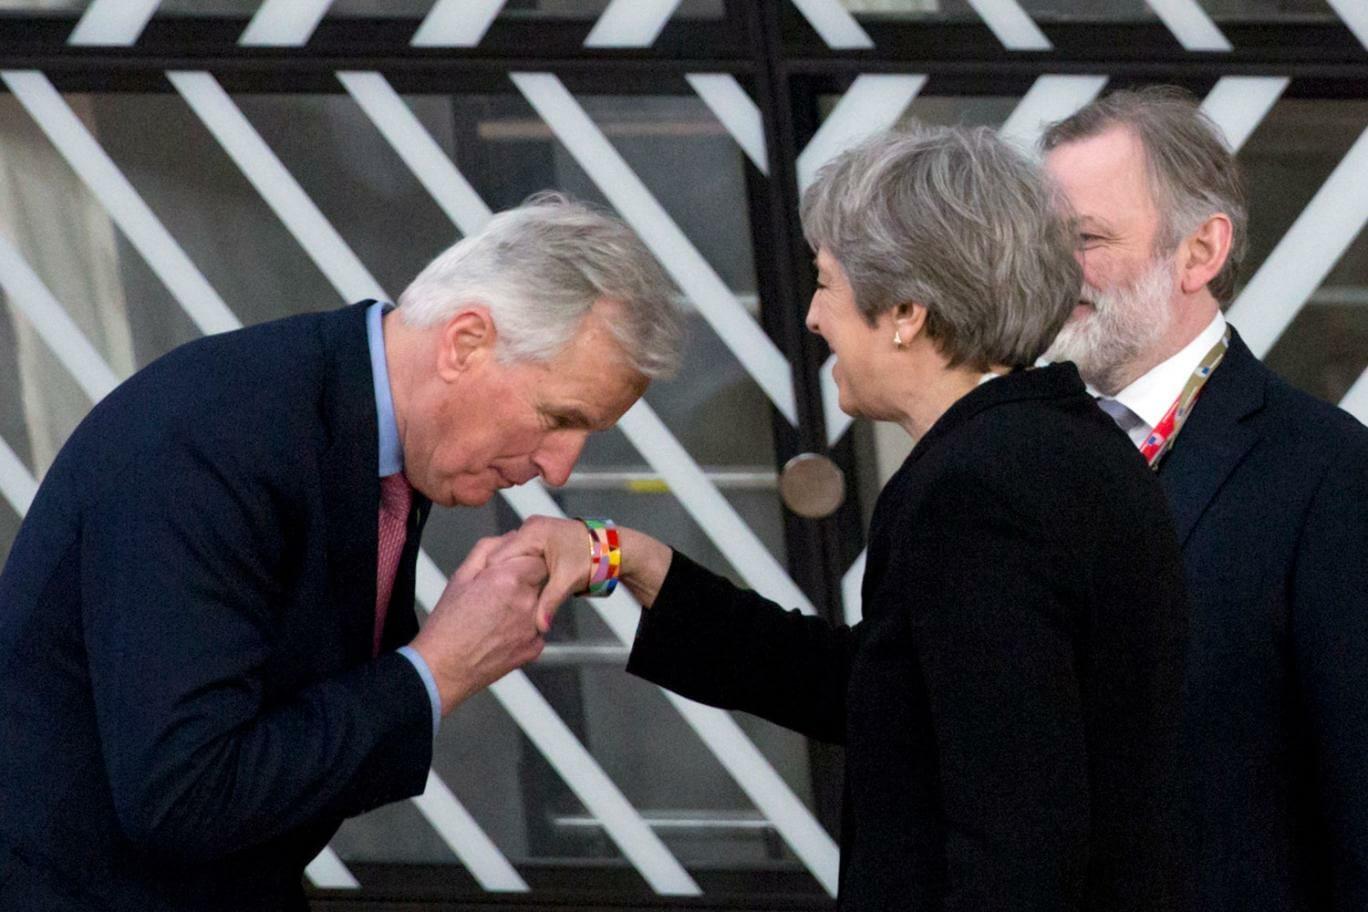 O beijo da trégua – Michel Barnier surpreendeu Theresa May e a mídia com um gesto simbólico que sinalizou a mudança de postura entre o governo britânico e a União Europeia (Foto: Evening Standard)